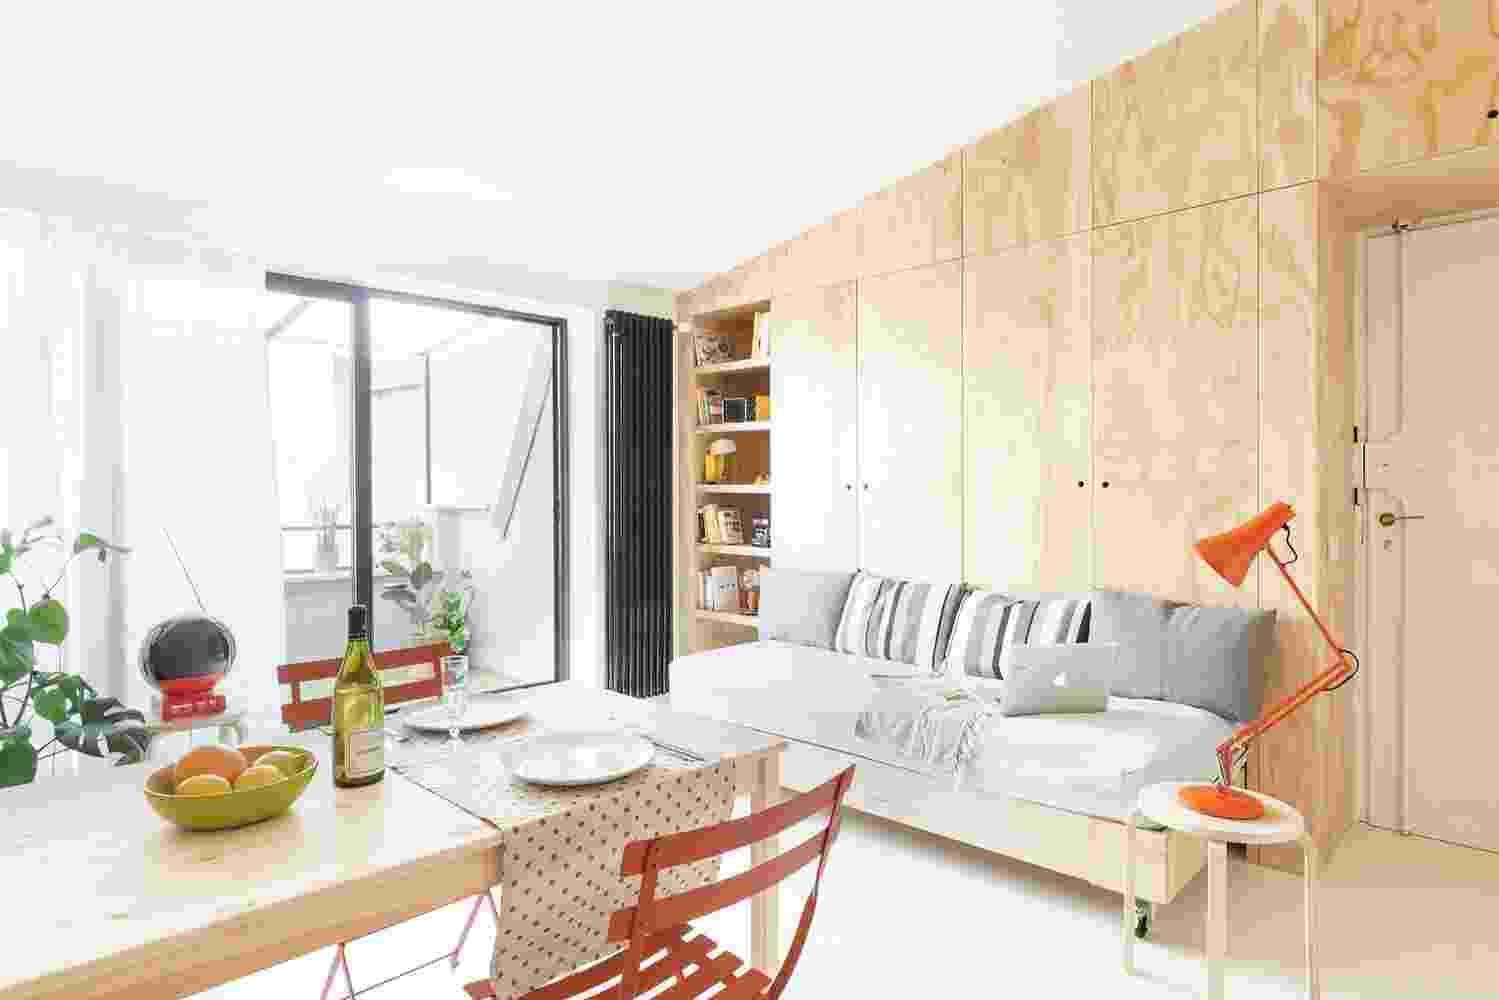 Studio Wok - Federico Villa